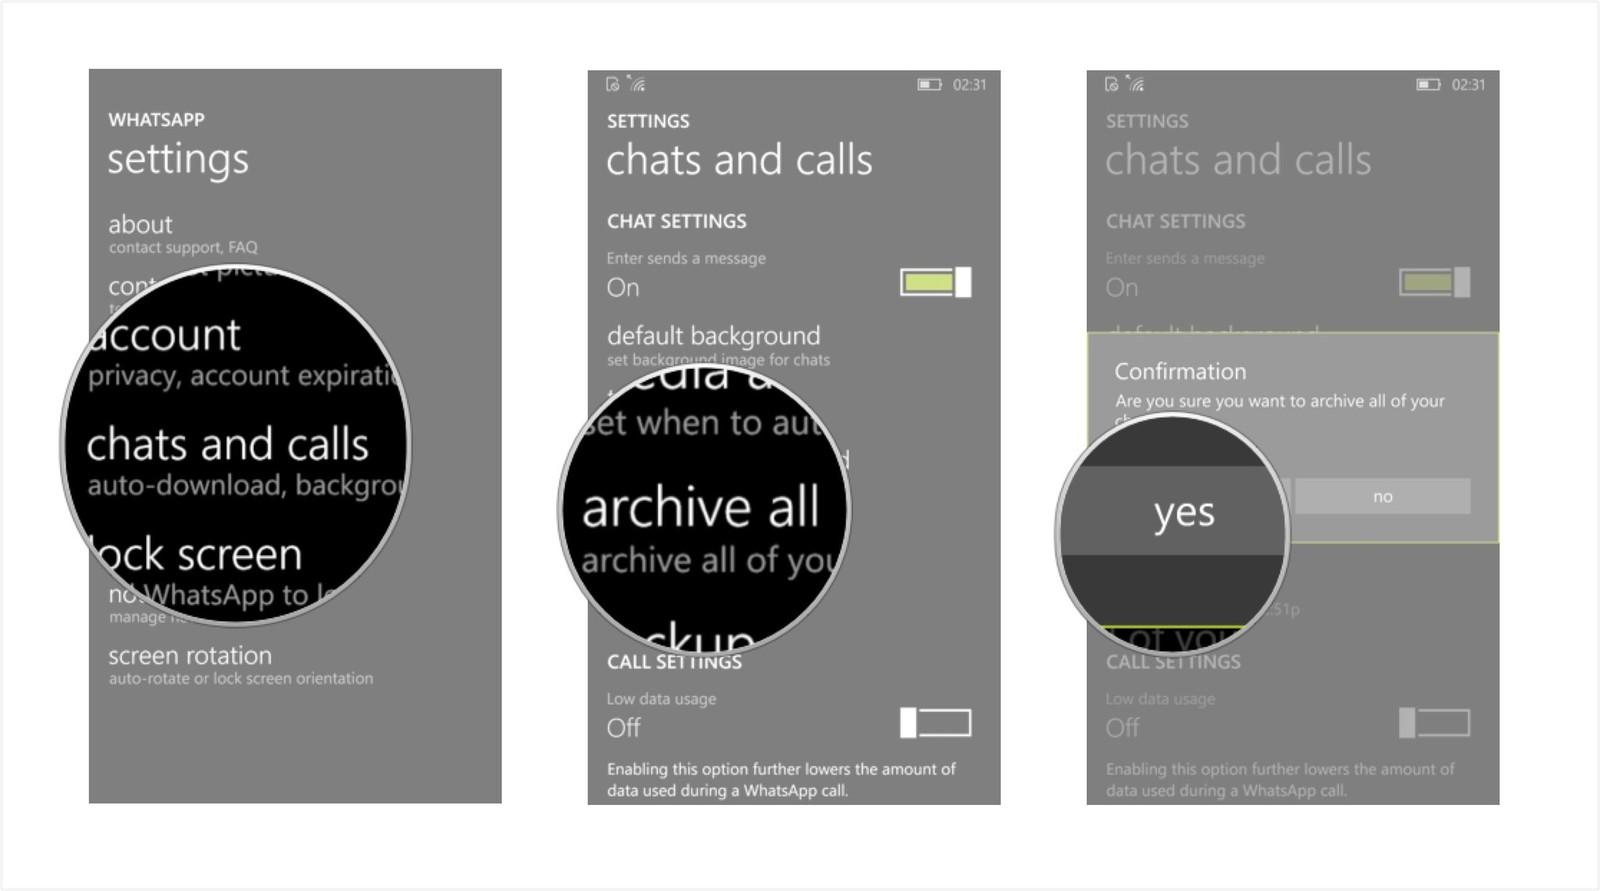 Как сохранить переписку и создать резервную копию в WhatsApp - разархивировать все (2)